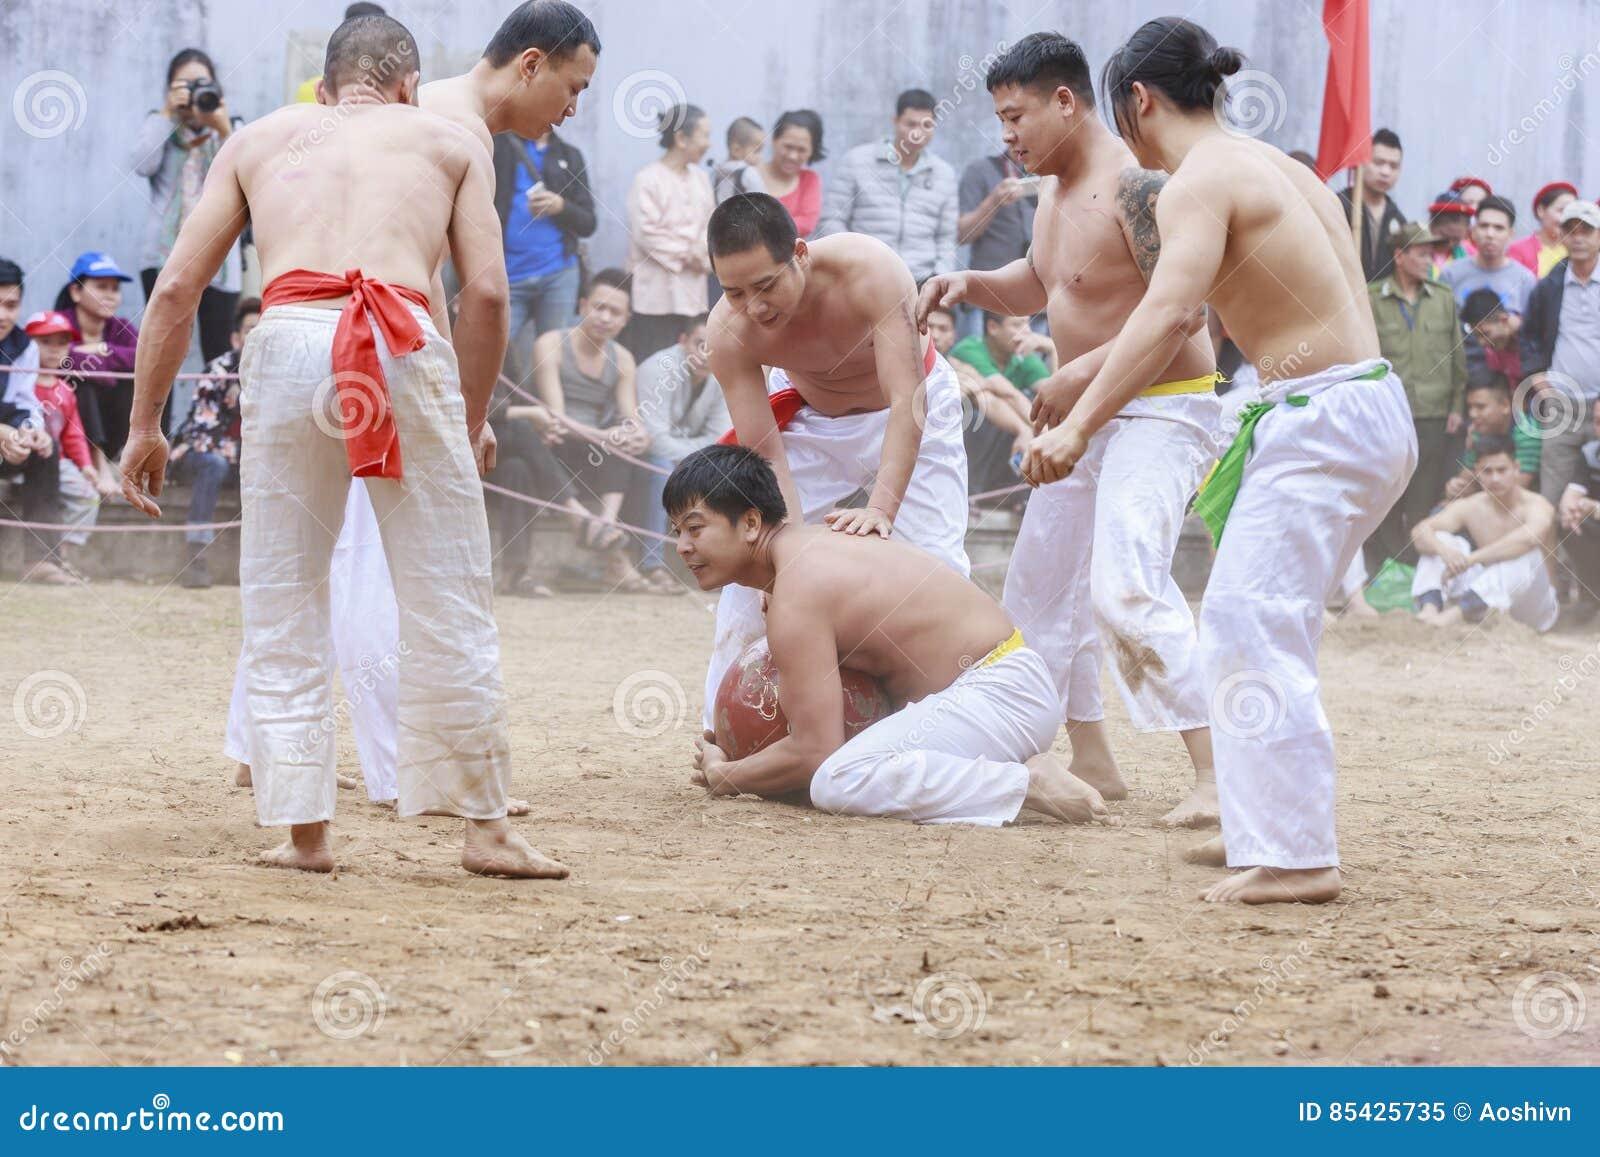 Alguns homens novos jogam com a bola de madeira no ano novo lunar do festival em Hanoi, Vietname o 27 de janeiro de 2016